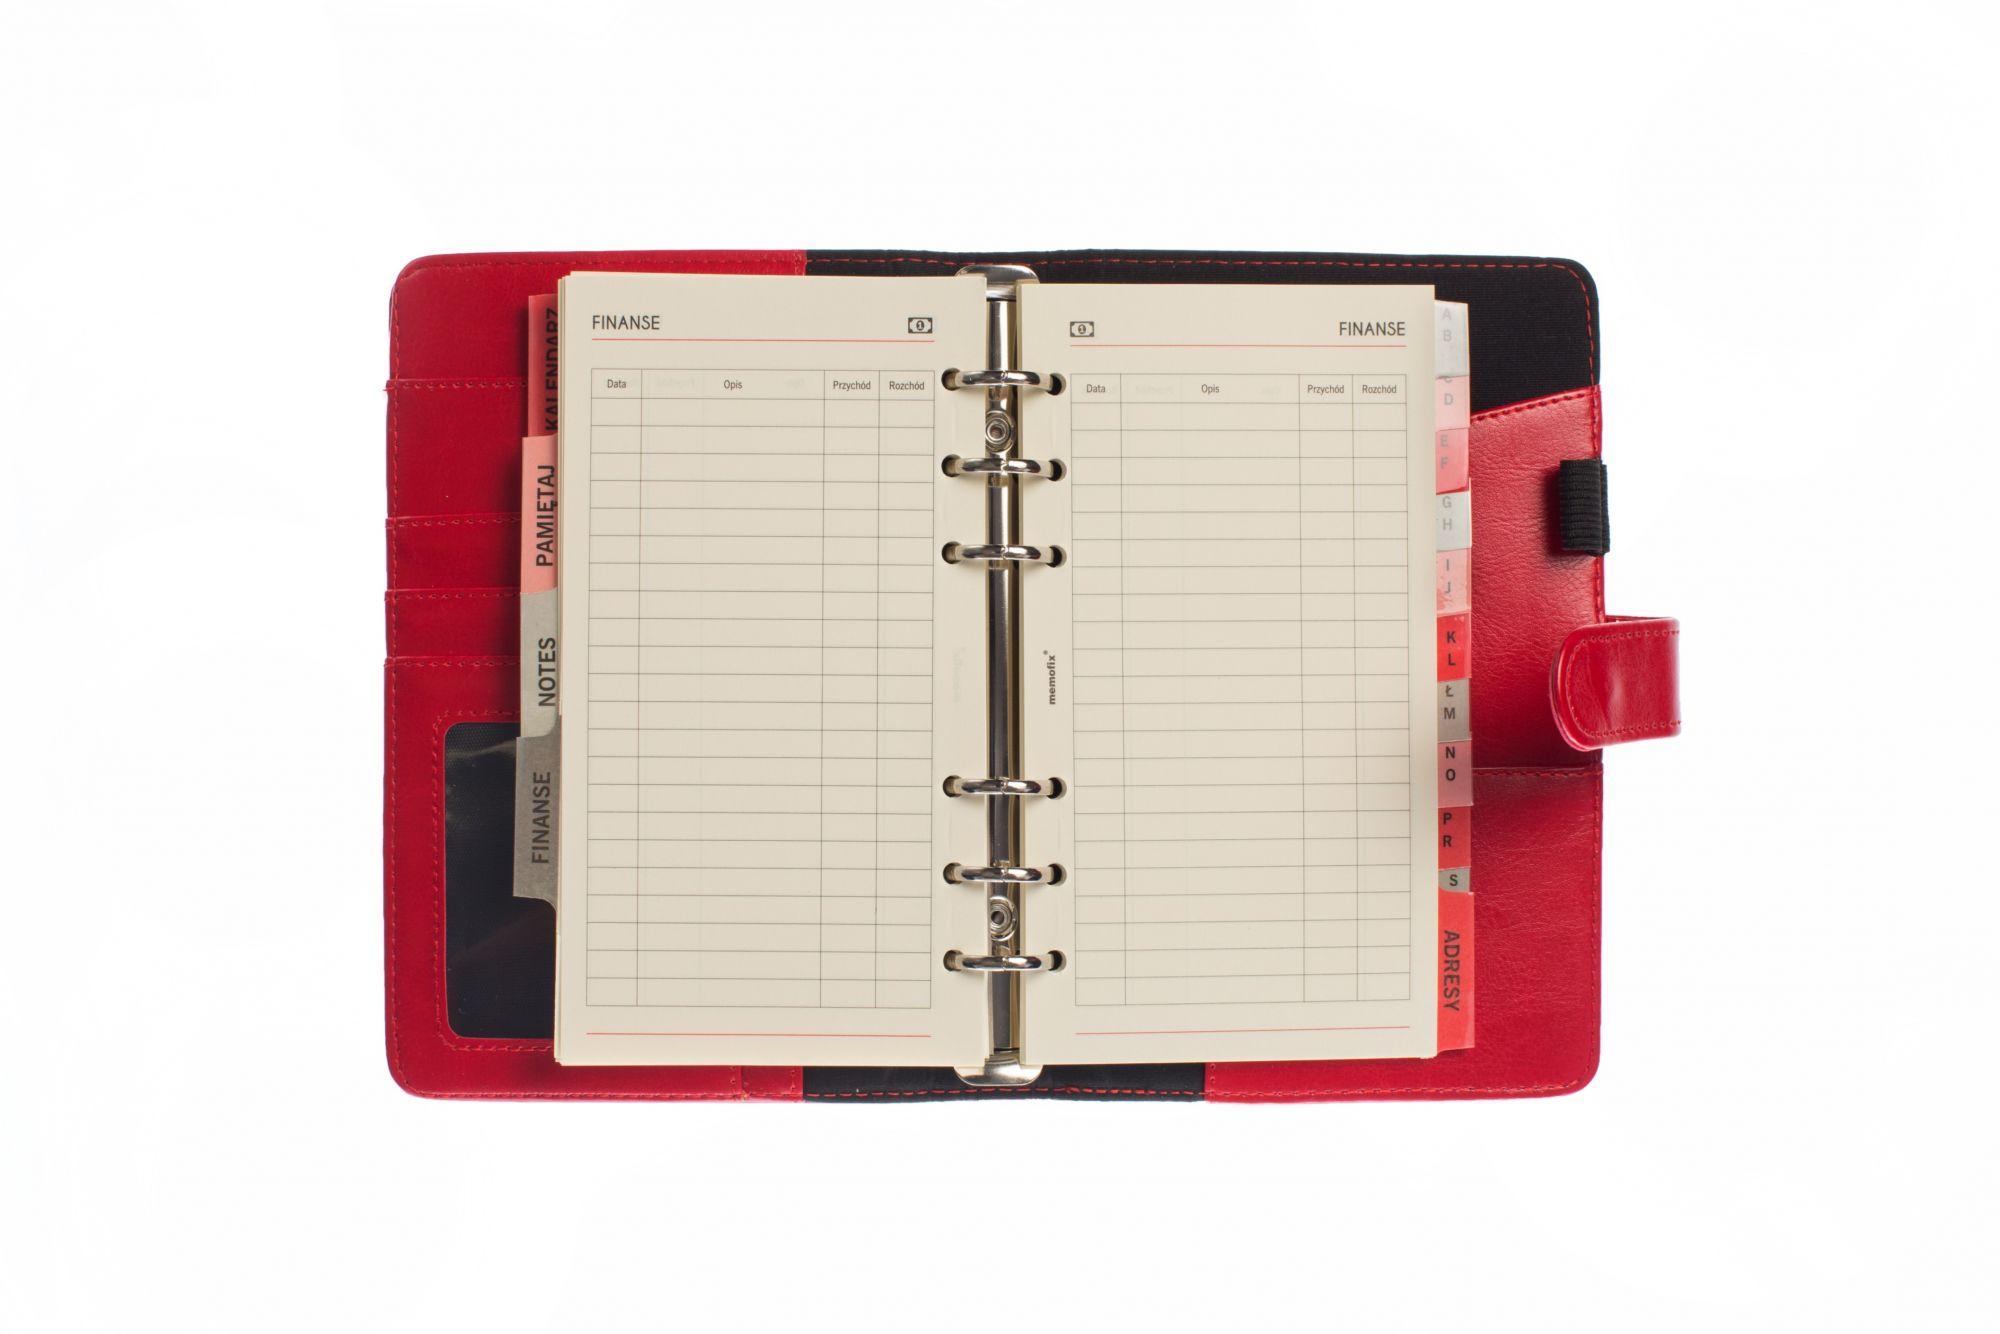 organizer memofix 2 st 3 czerwony